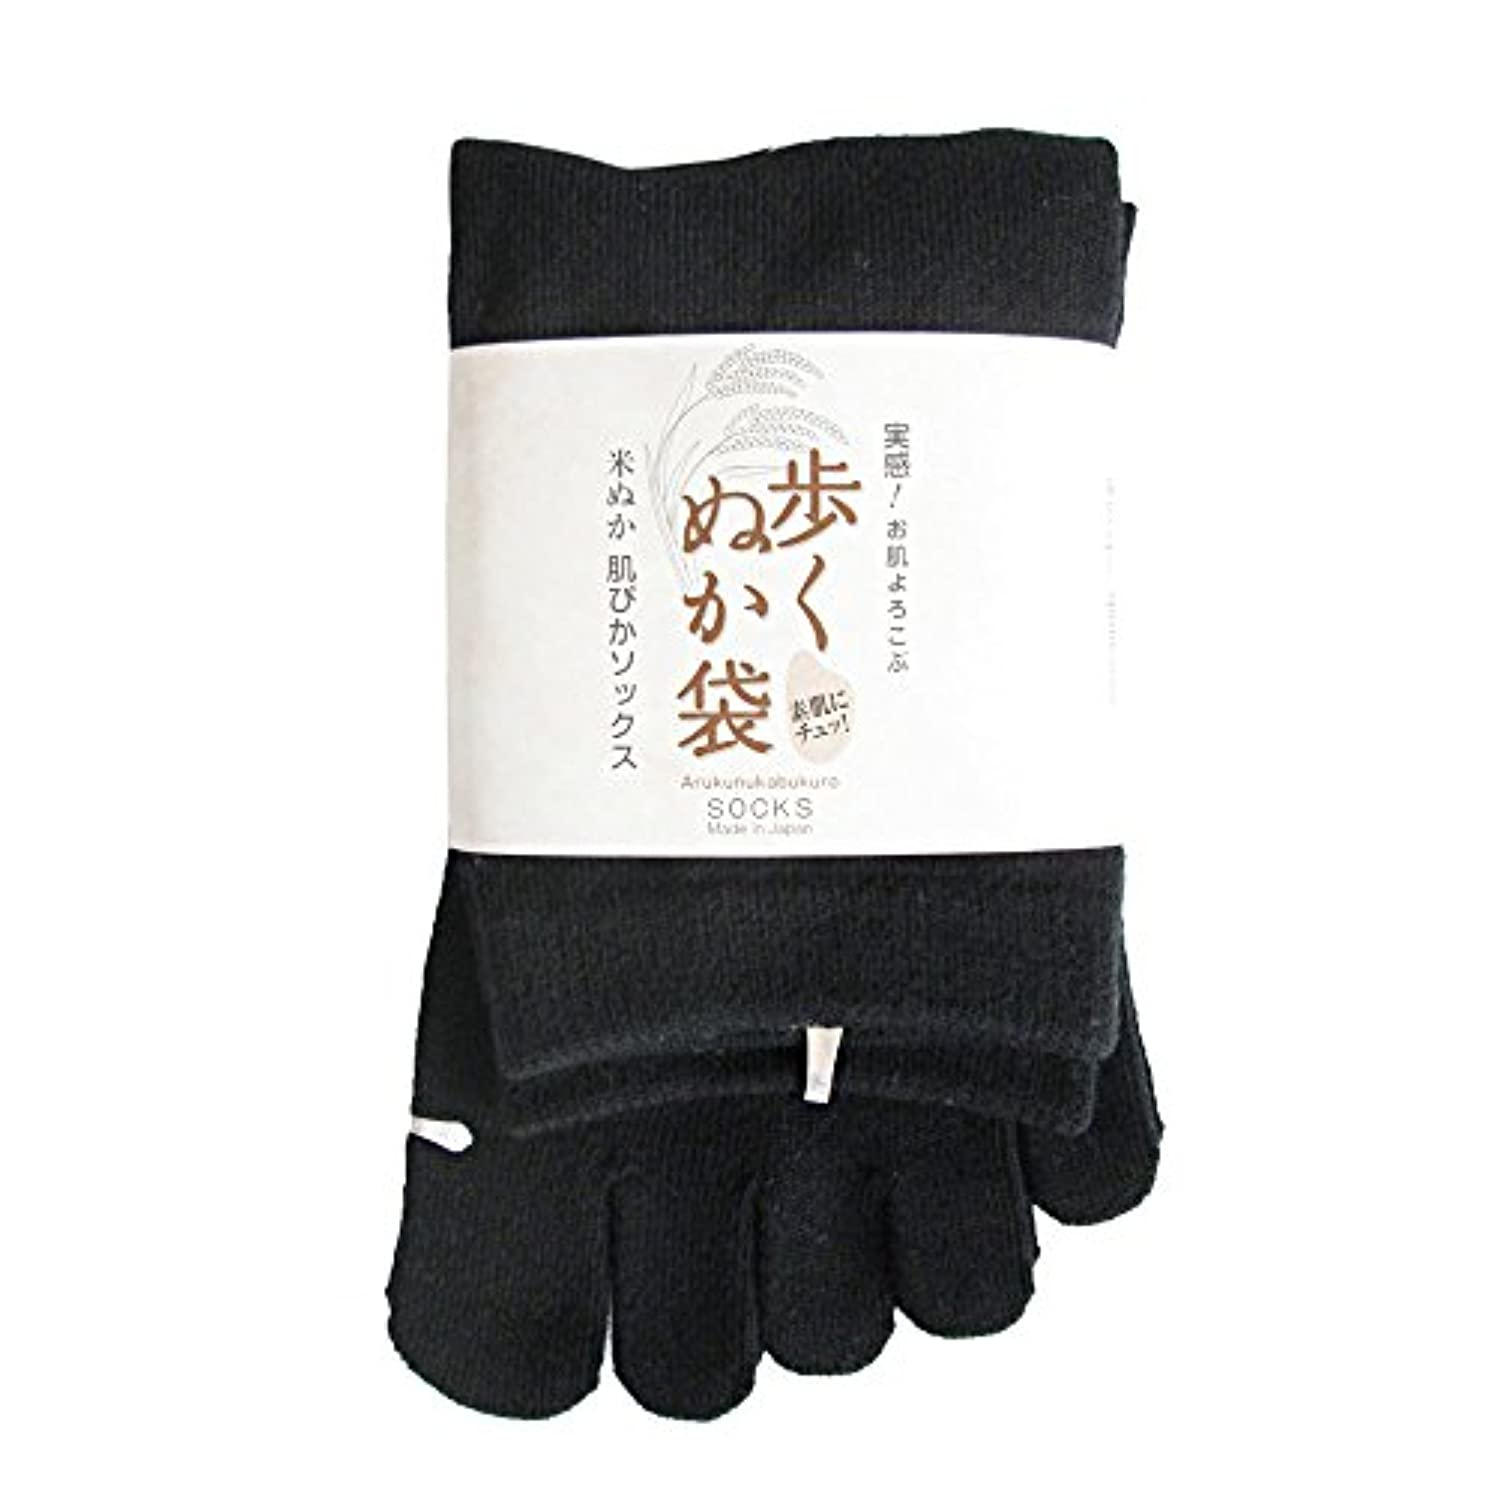 社会マイルドセメント歩くぬか袋 米ぬかシリコン五本指 23-25cm ブラック